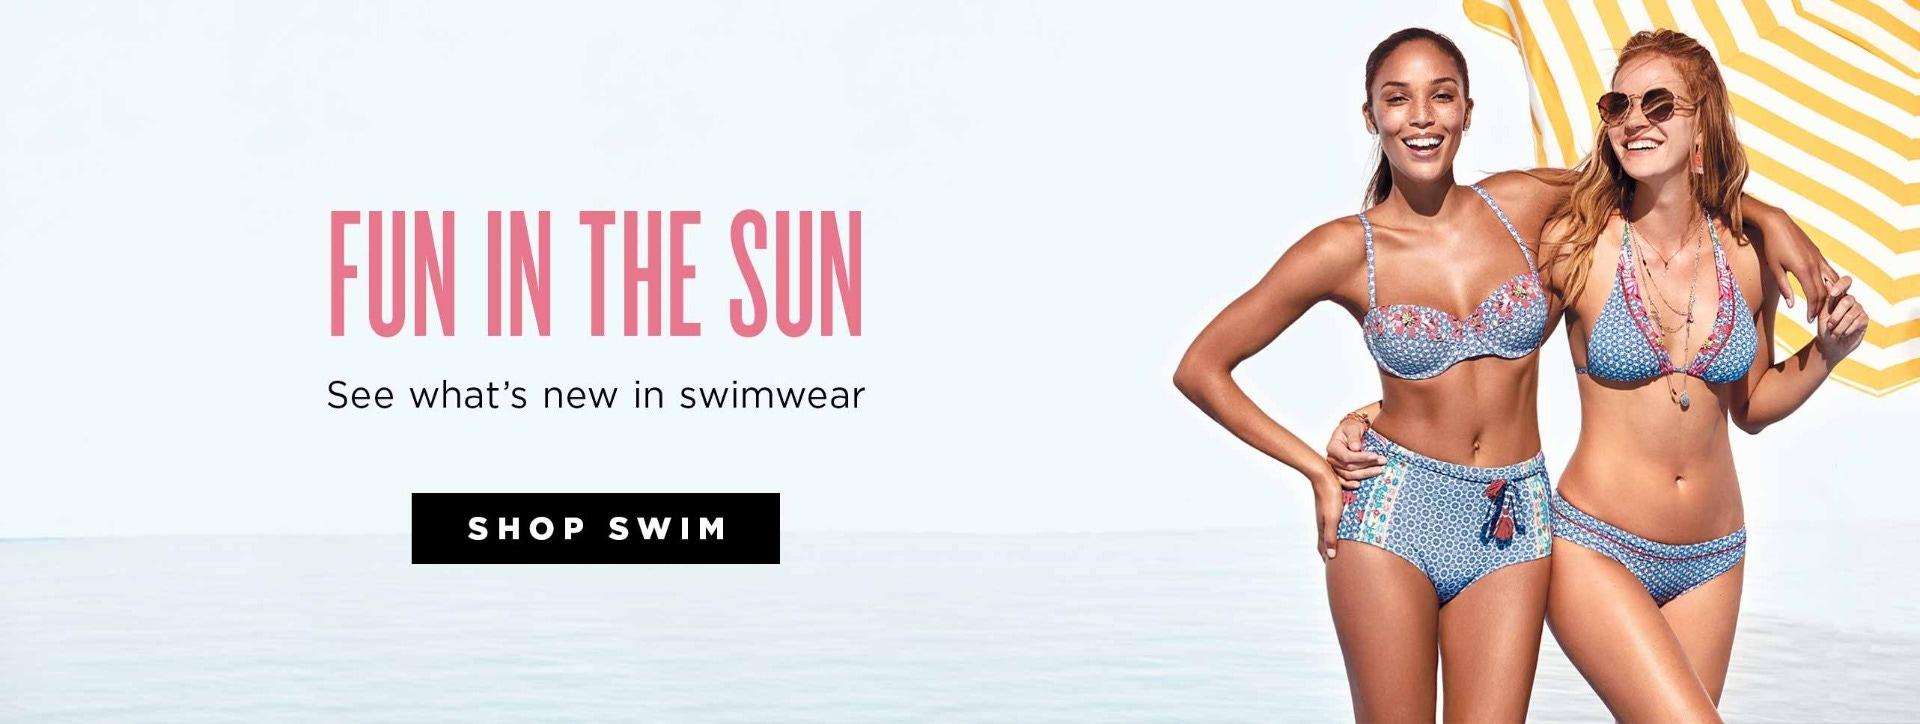 Fun in the sun - see What's new in Swimwear - Shop Swim